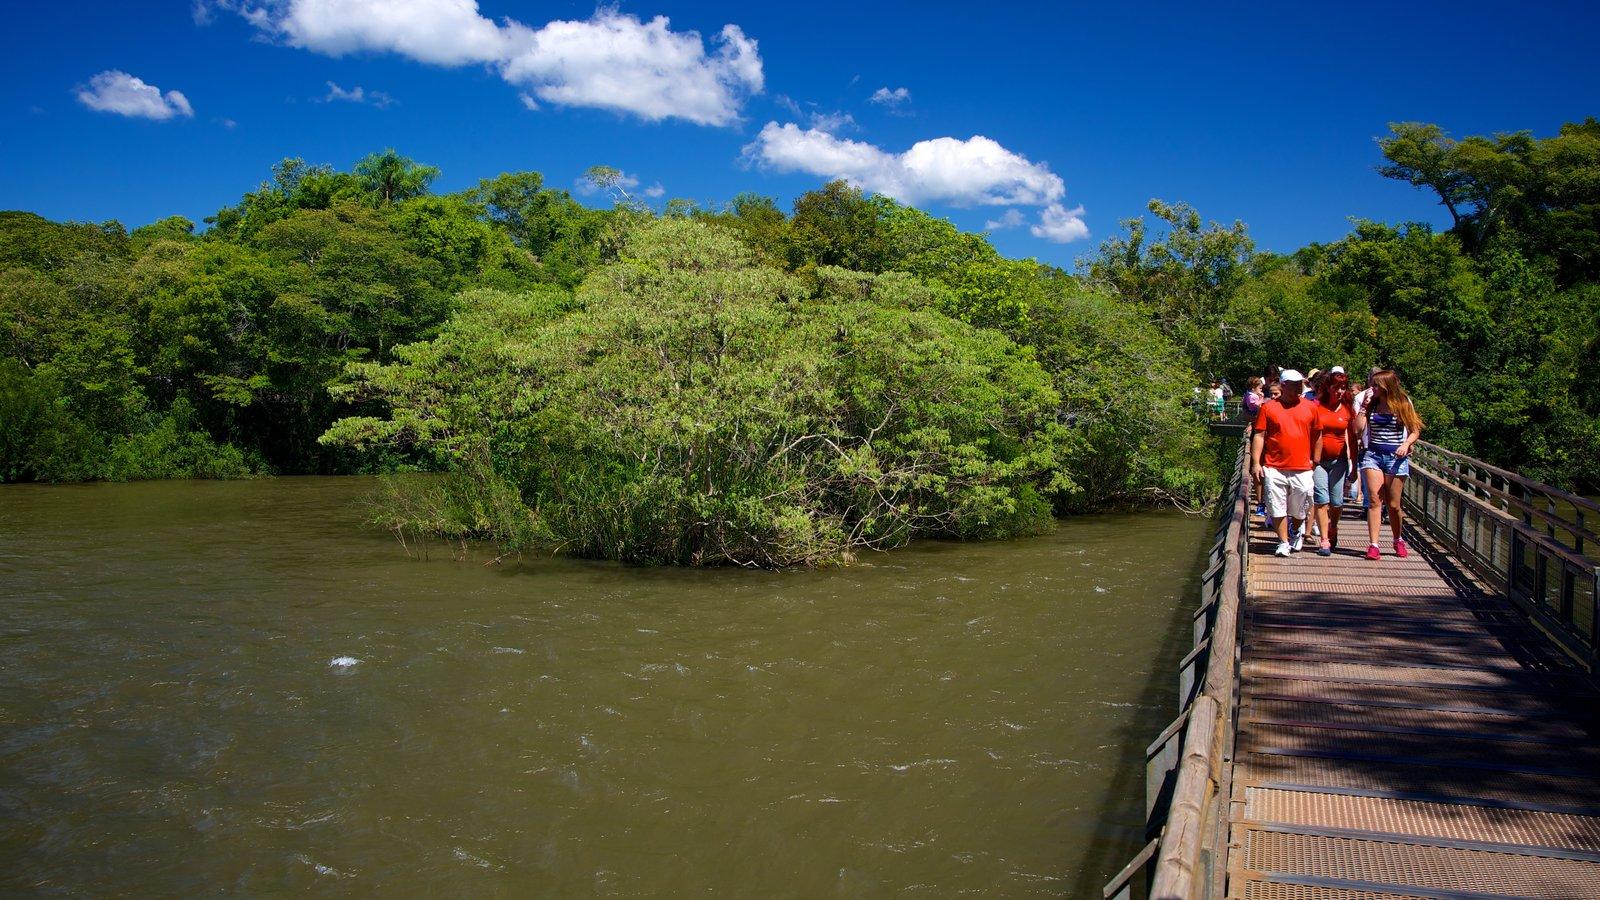 Garganta do Diabo que inclui um jardim, uma ponte e um rio ou córrego